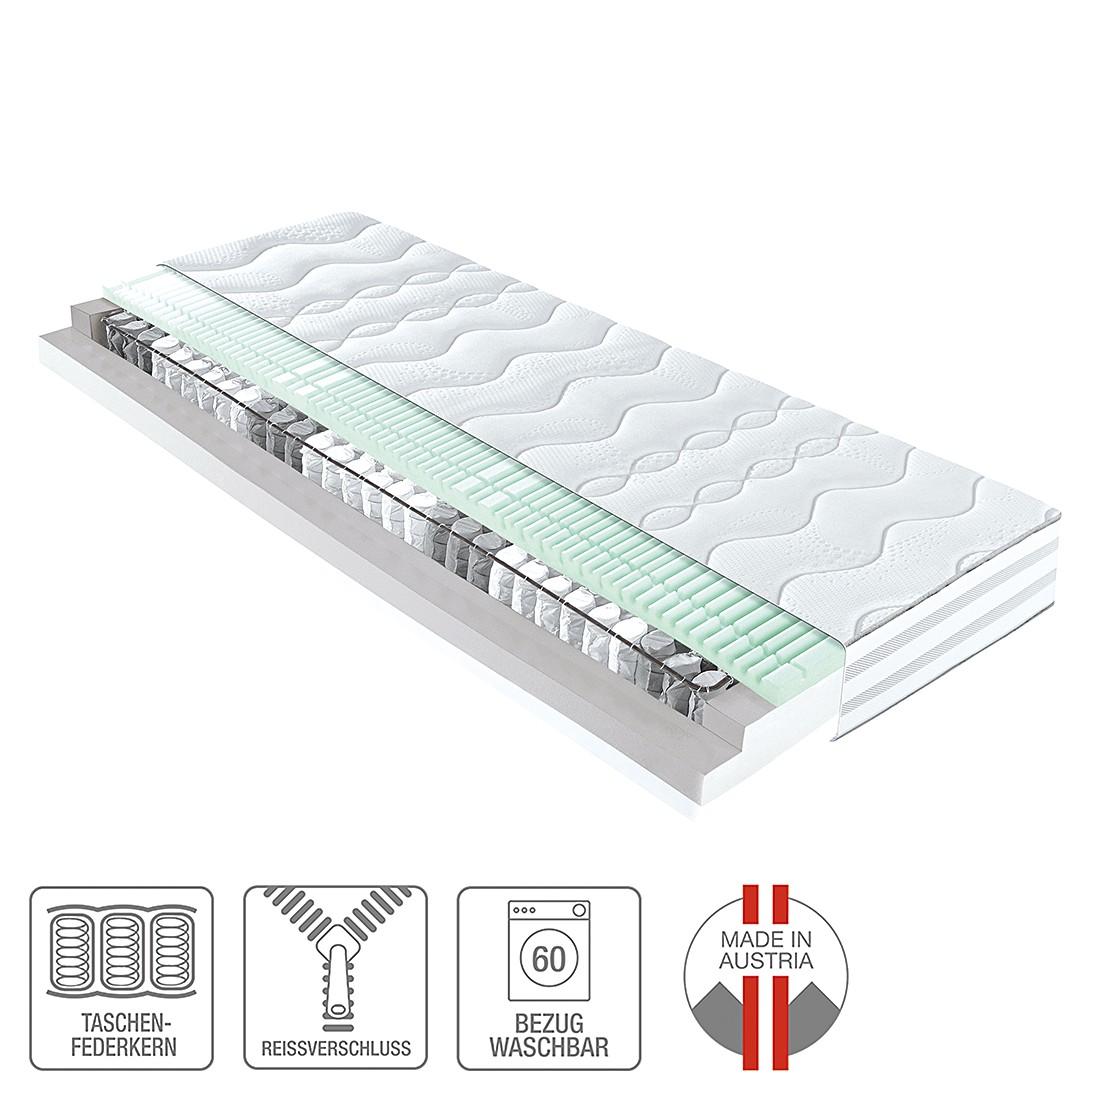 7 zonen taschenfederkernmatratze concept 500 160 x 200cm h3 ab 80 kg ada premium g nstig. Black Bedroom Furniture Sets. Home Design Ideas